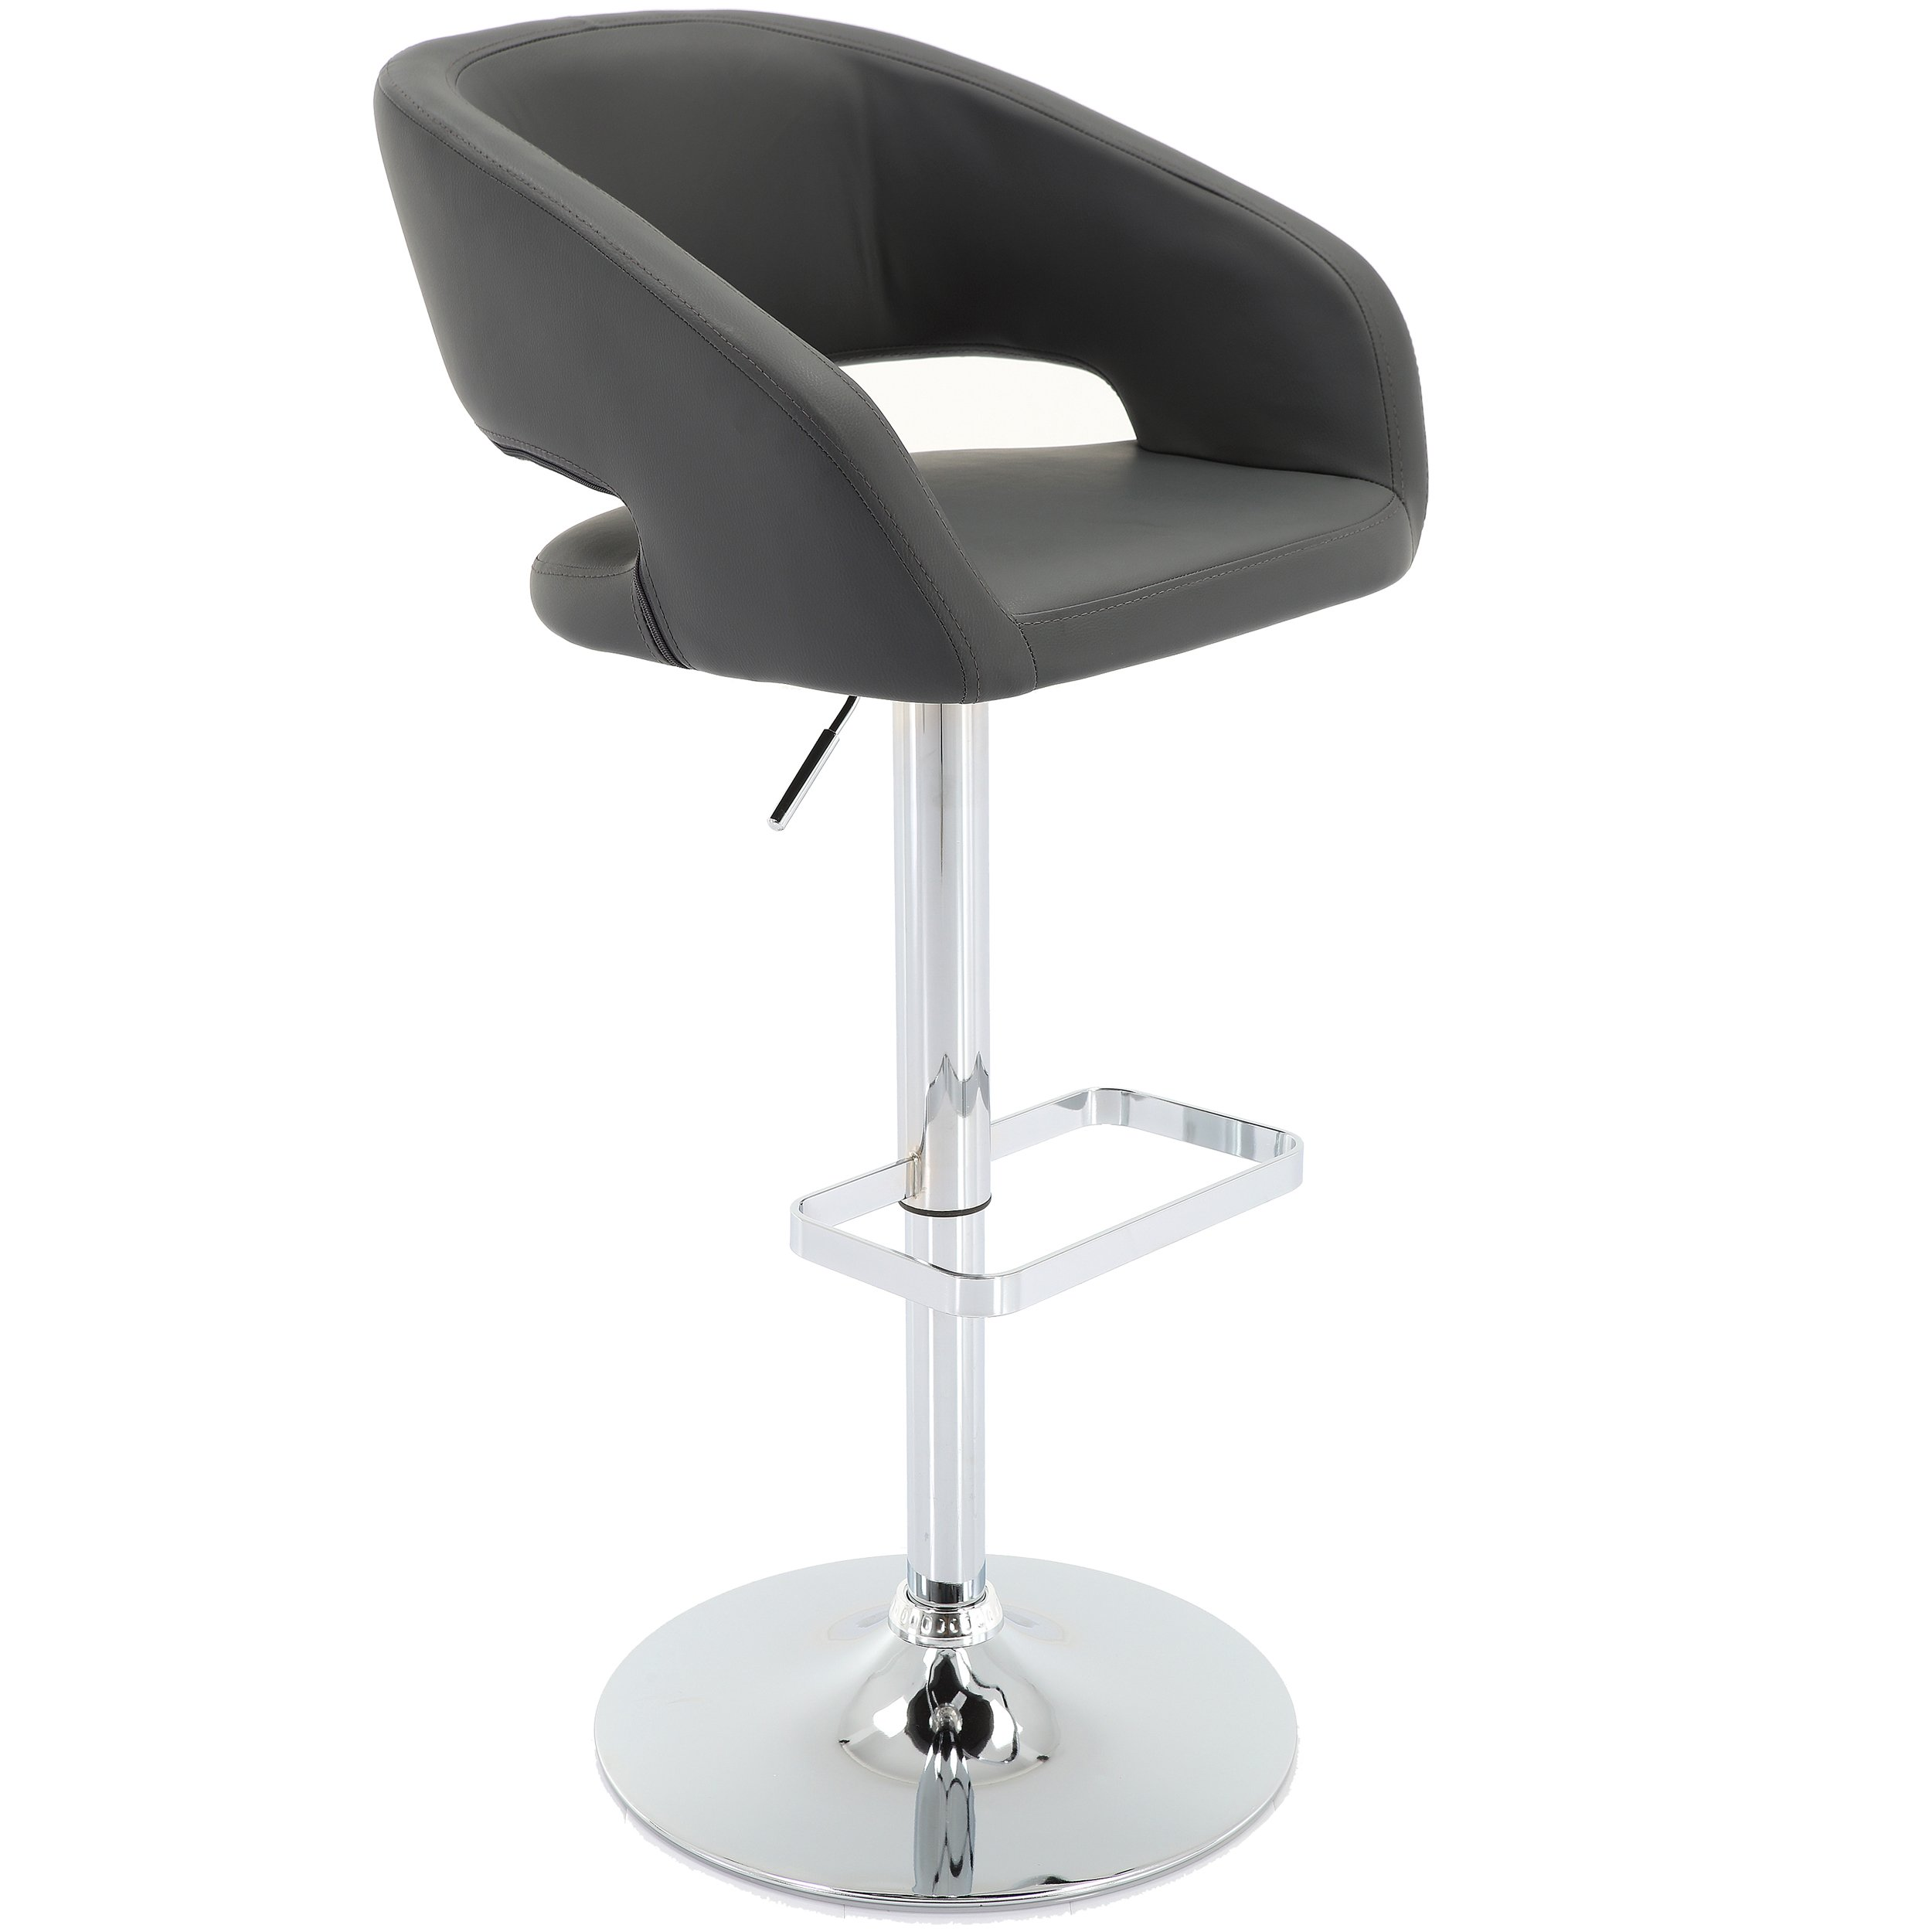 Vogue Furniture Direct Adjustable Leather Barstool, Grey (VF1581035)